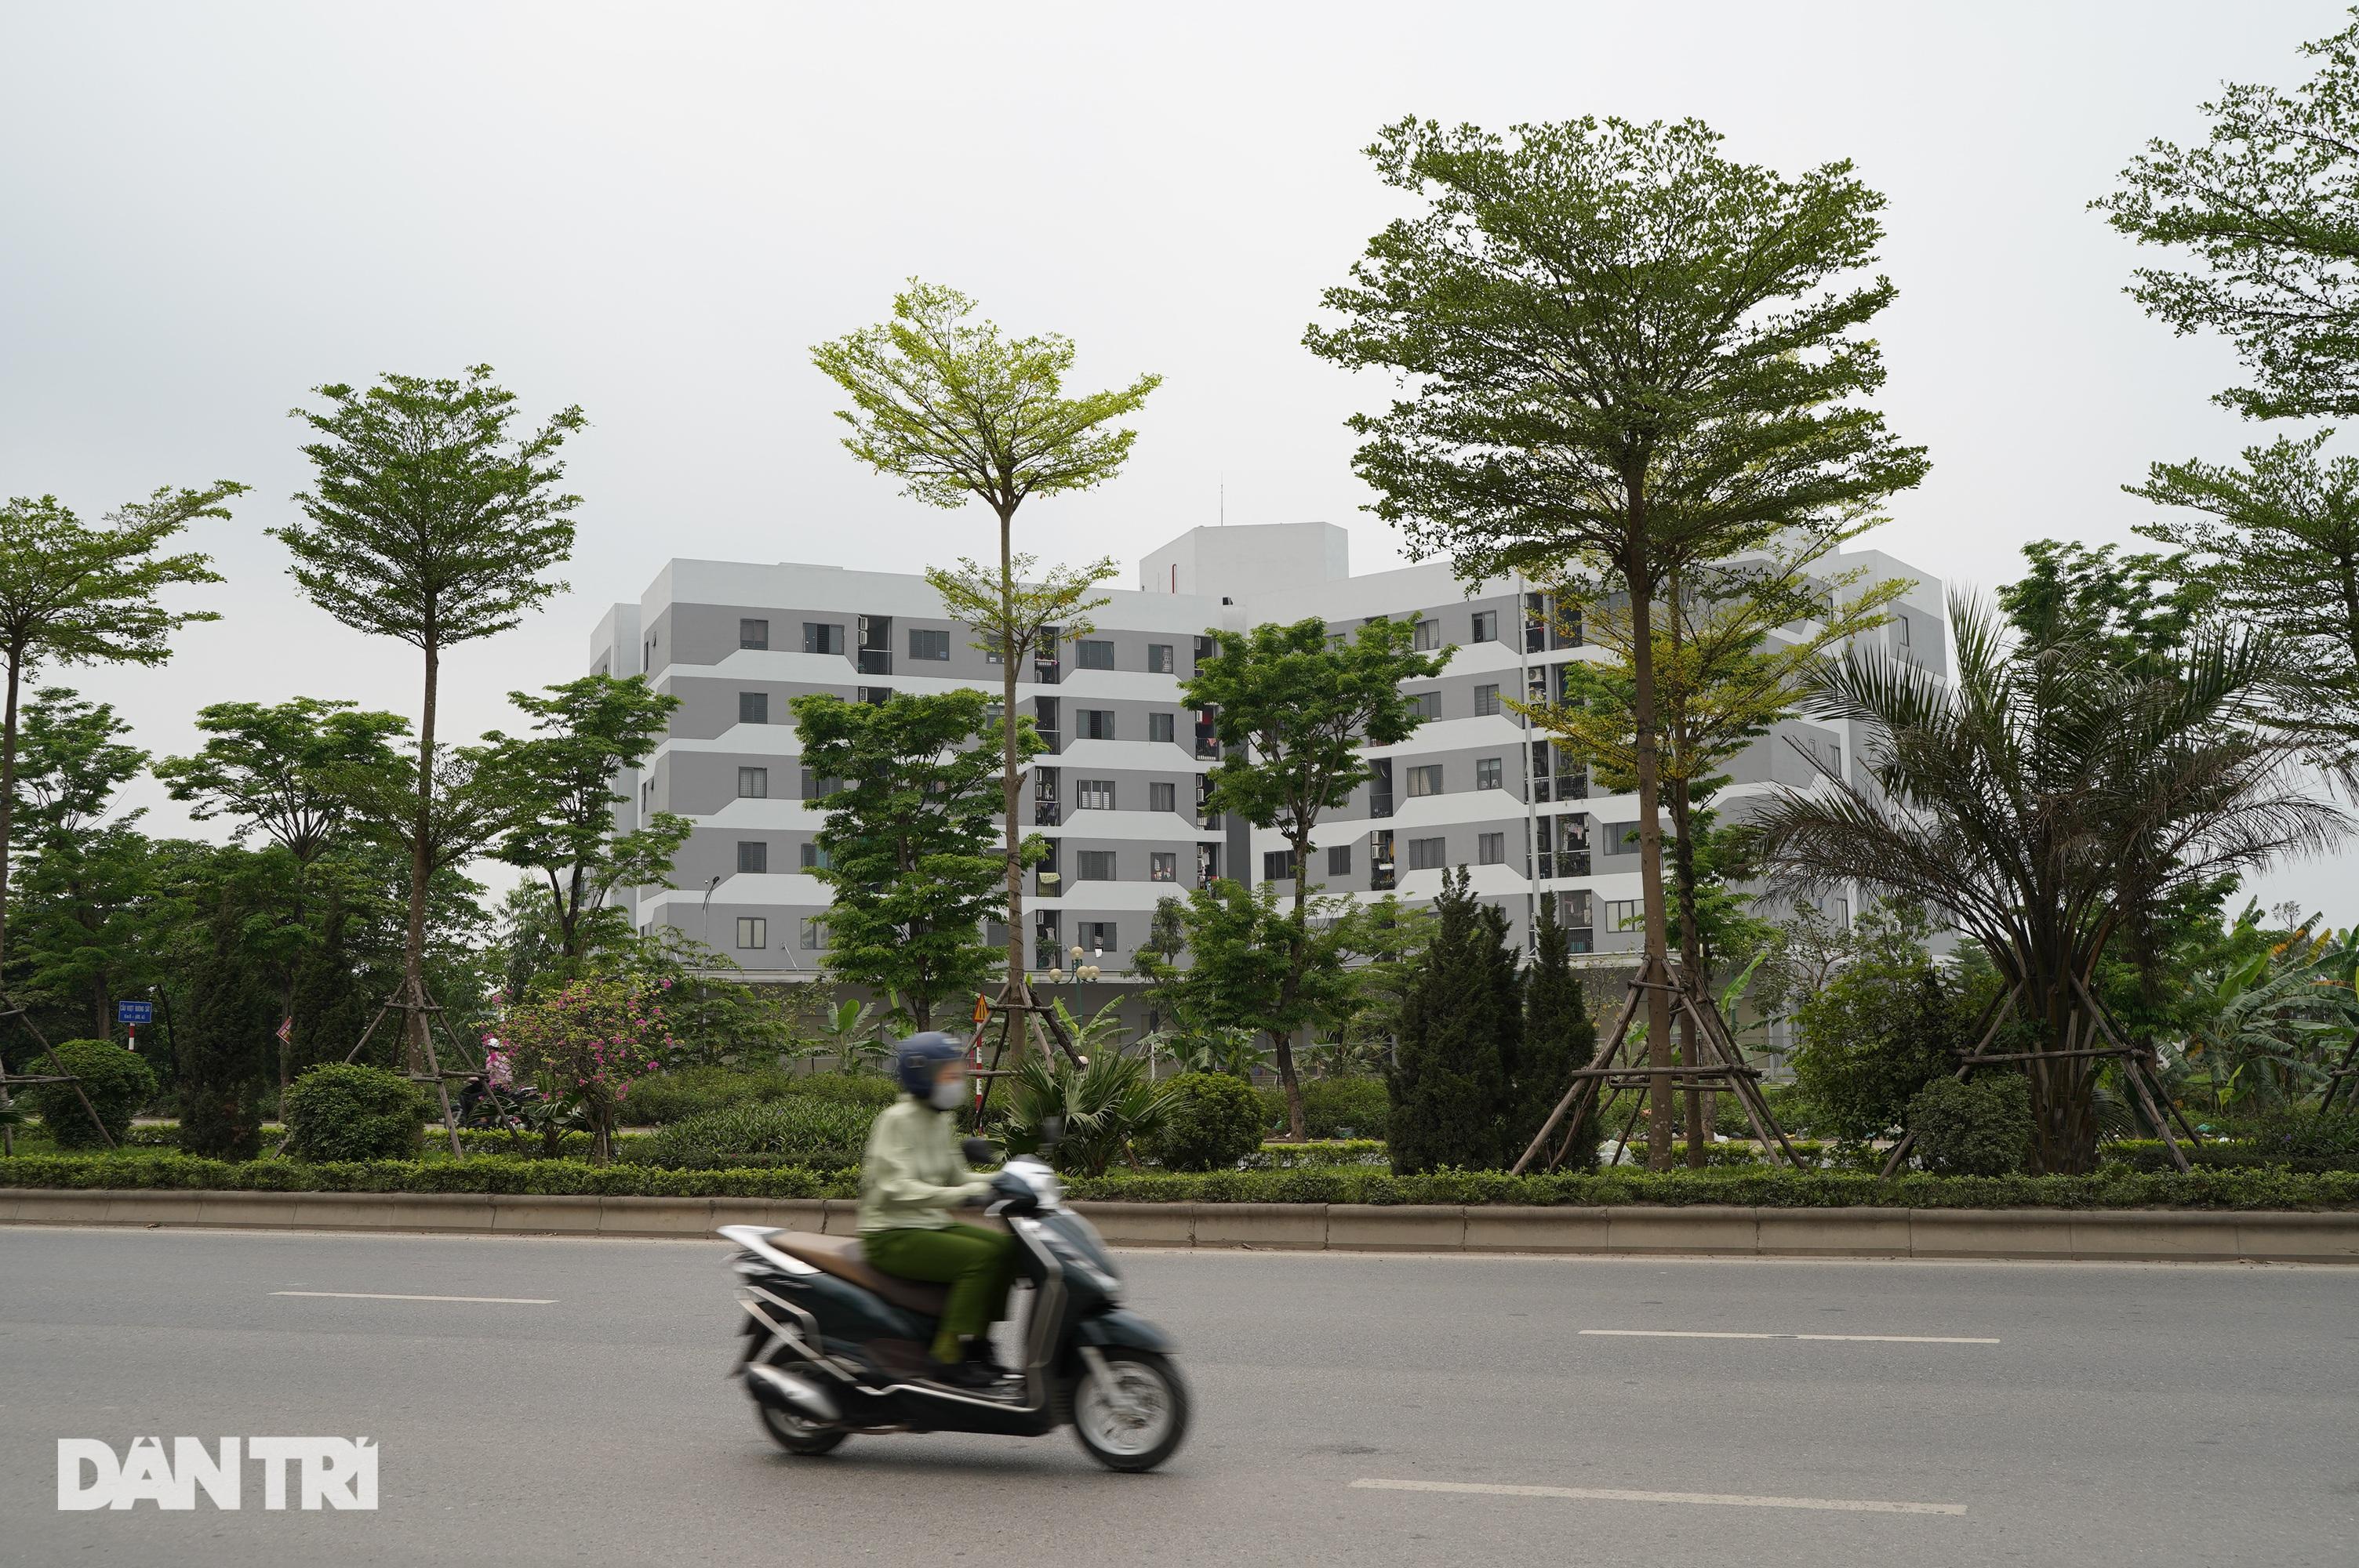 Toàn cảnh tuyến đường hơn 7.500 tỷ đồng kết nối 4 quận, huyện ở Hà Nội - 6